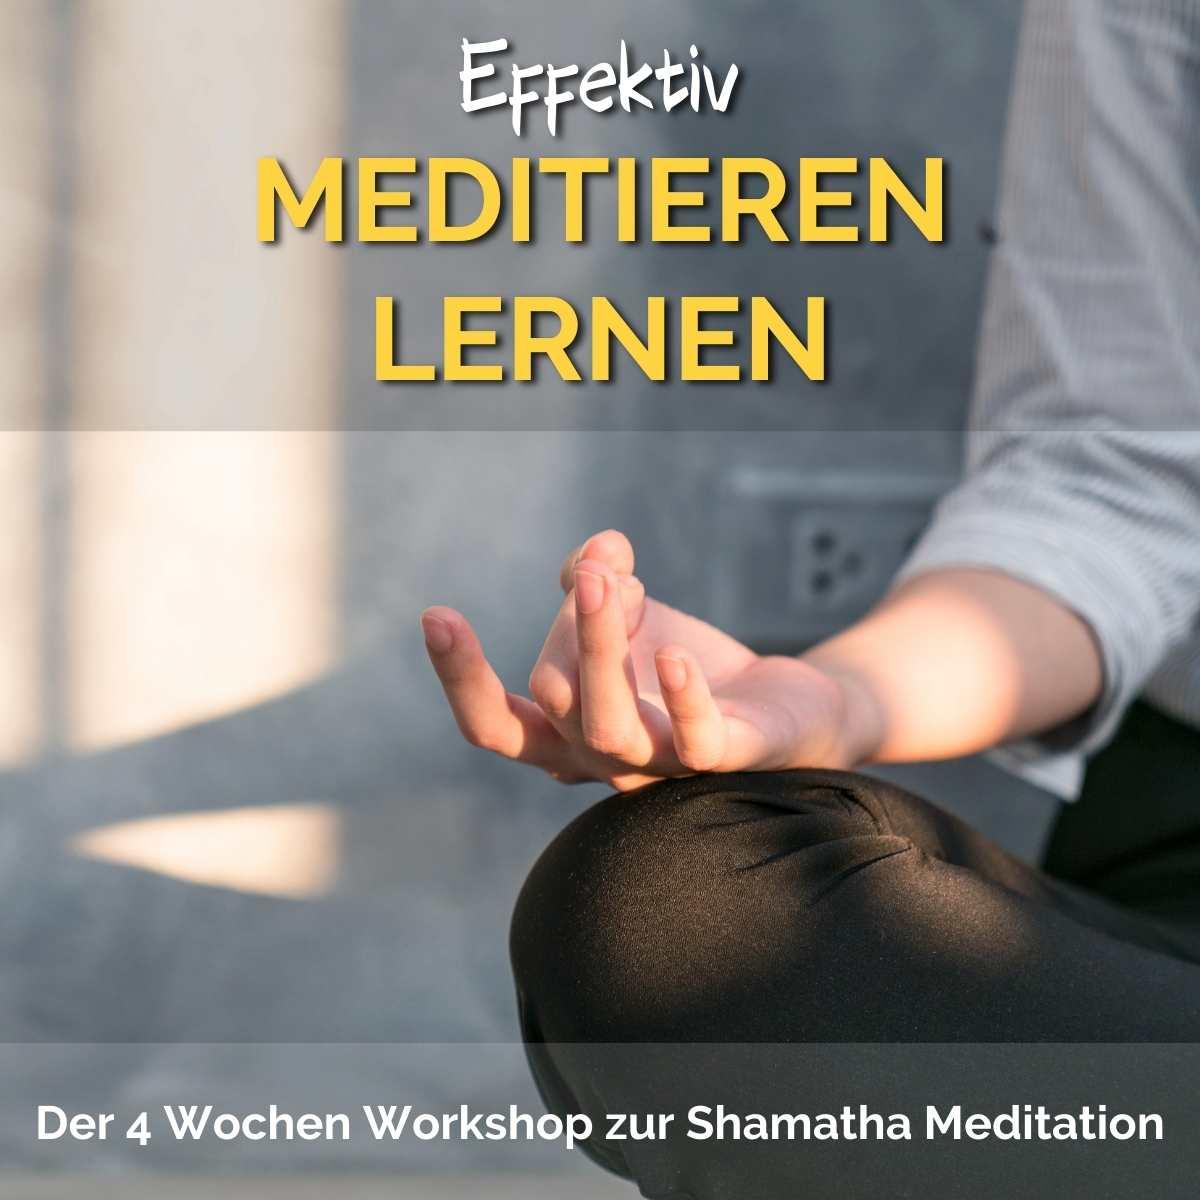 Effektiv meditieren lernen